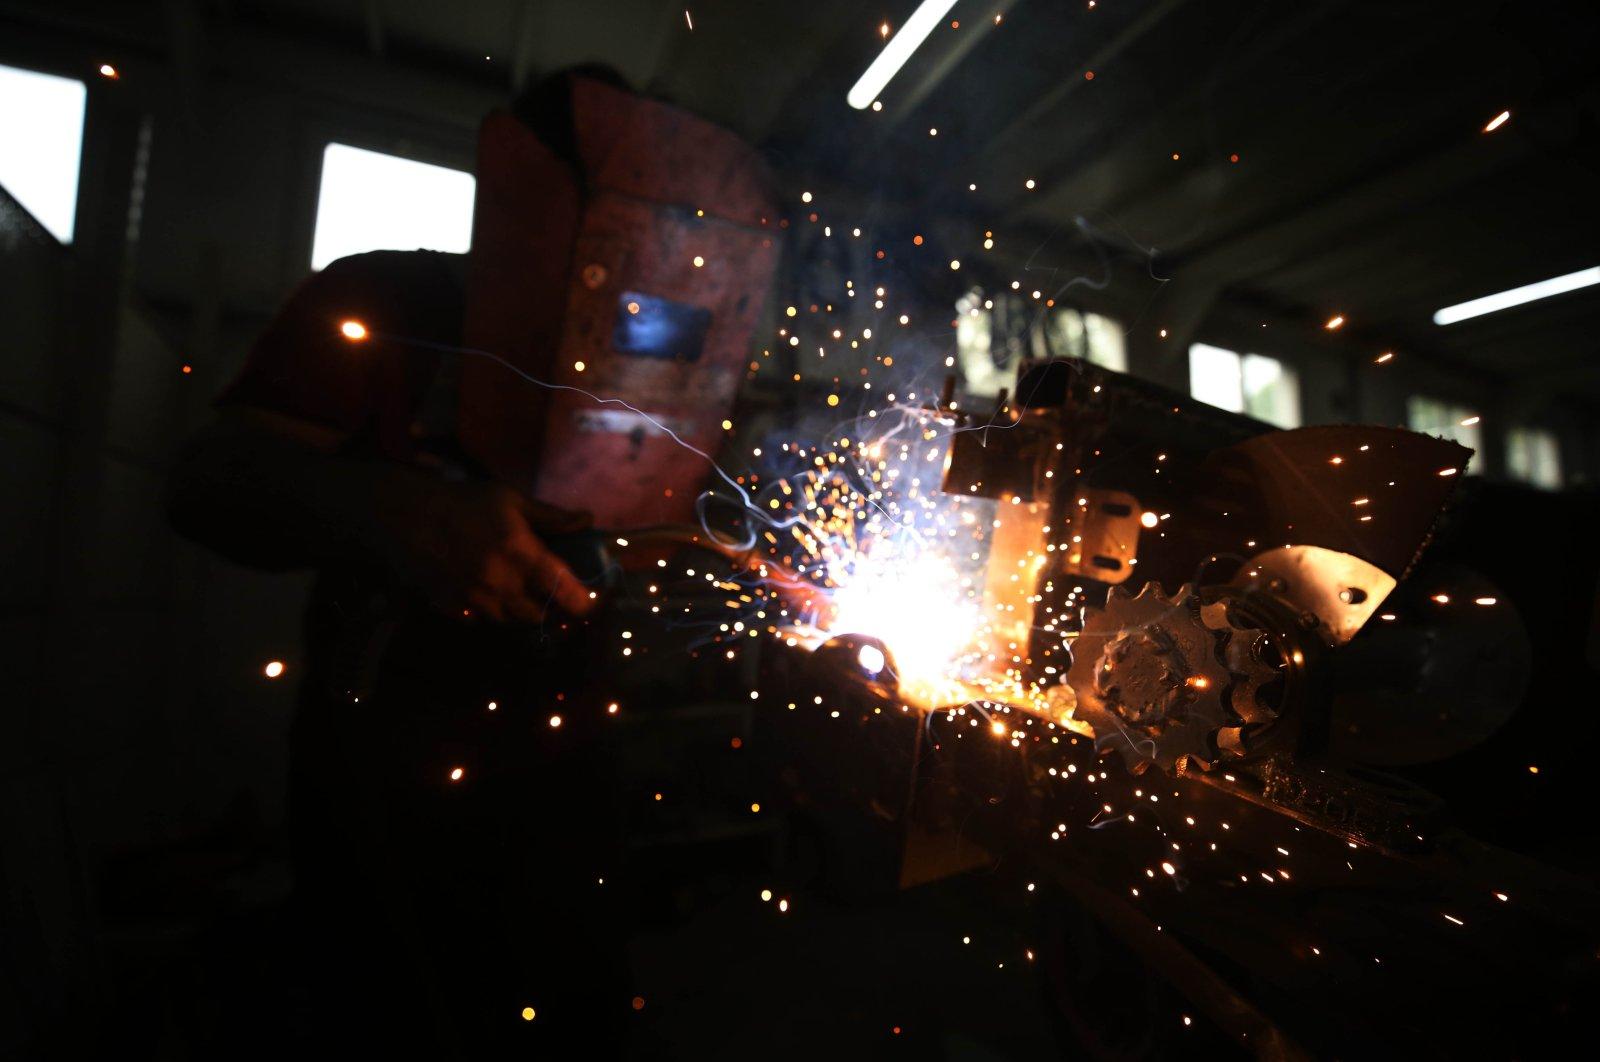 A man works in an atelier in northwestern Düzce province, Turkey, July 16, 2020. (AA Photo)